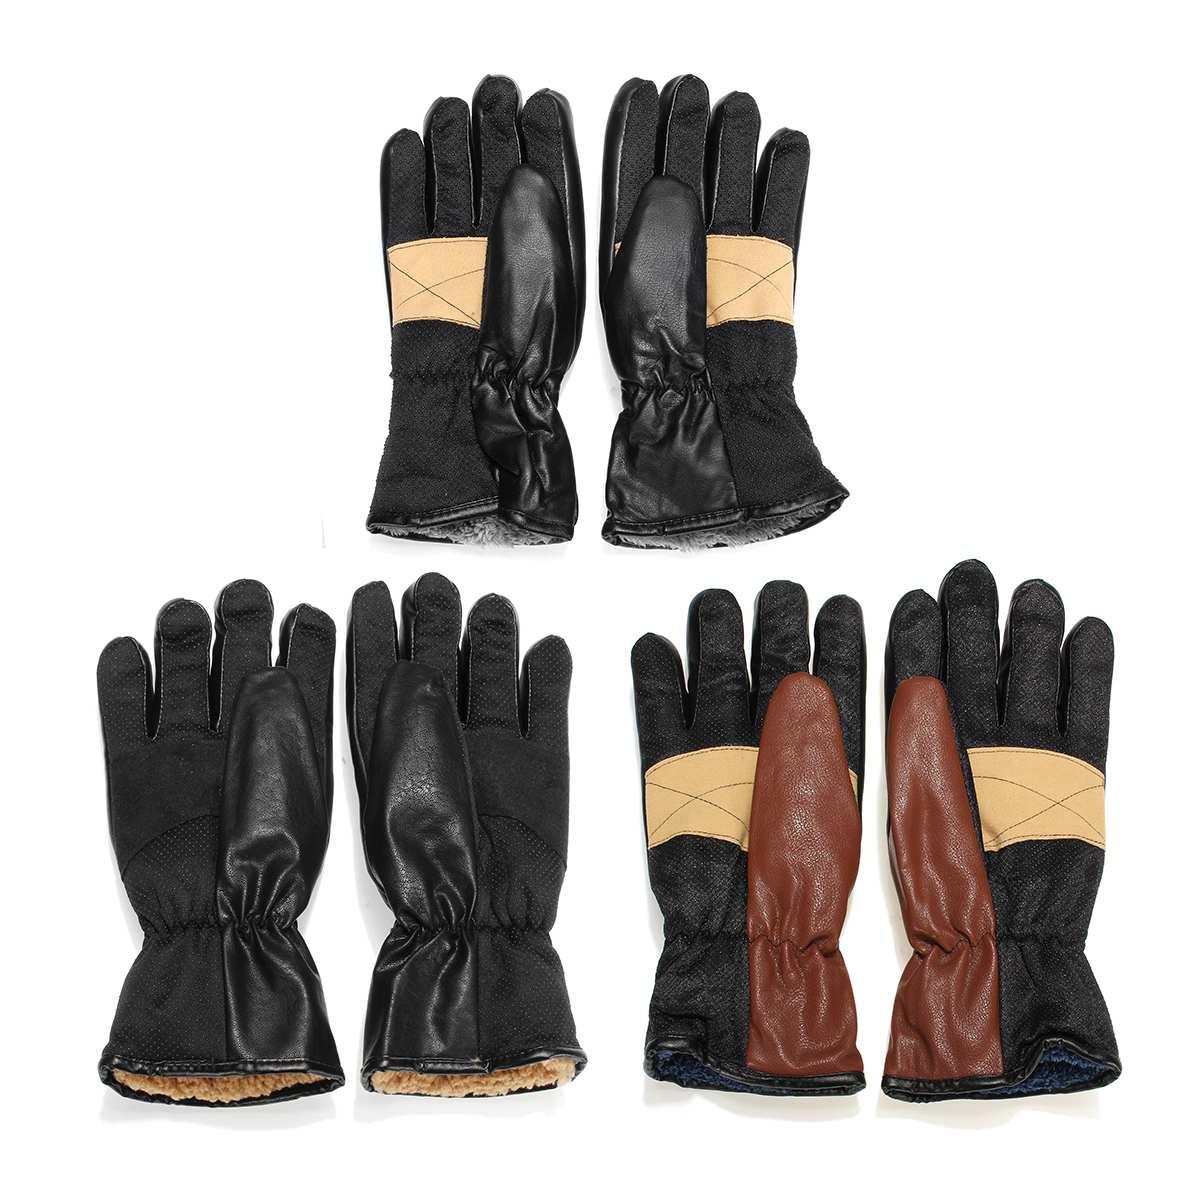 Gants chauffants électriques d'hiver PU cuir femmes hommes Rechargeable 3000 mAh batterie mitaines chauffantes chaudes intérieur épaissir gants en coton - 6